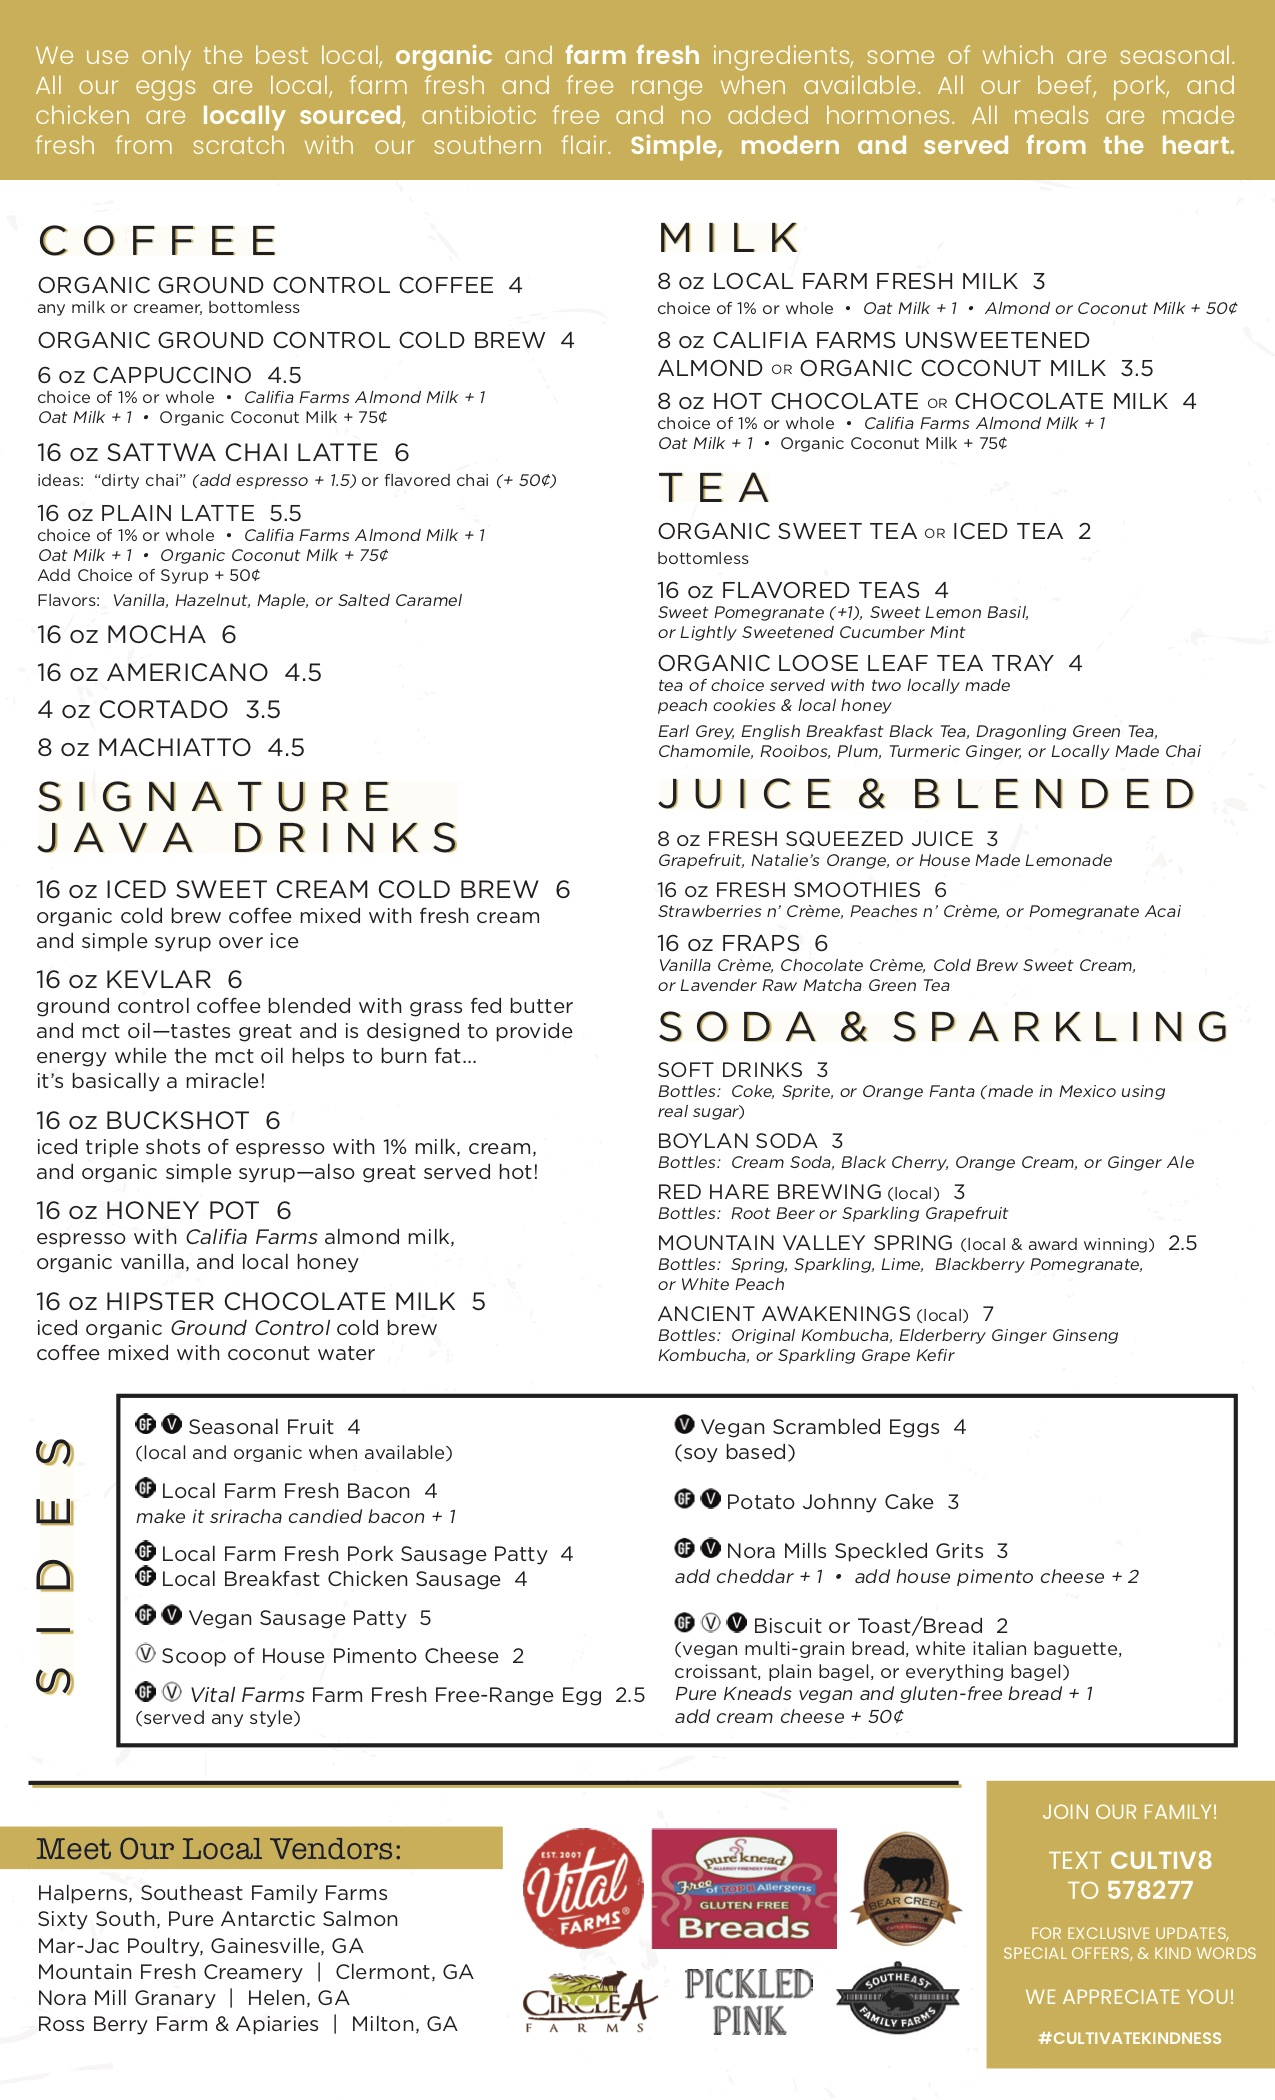 Weekend Coffee and Brunch in Atlanta